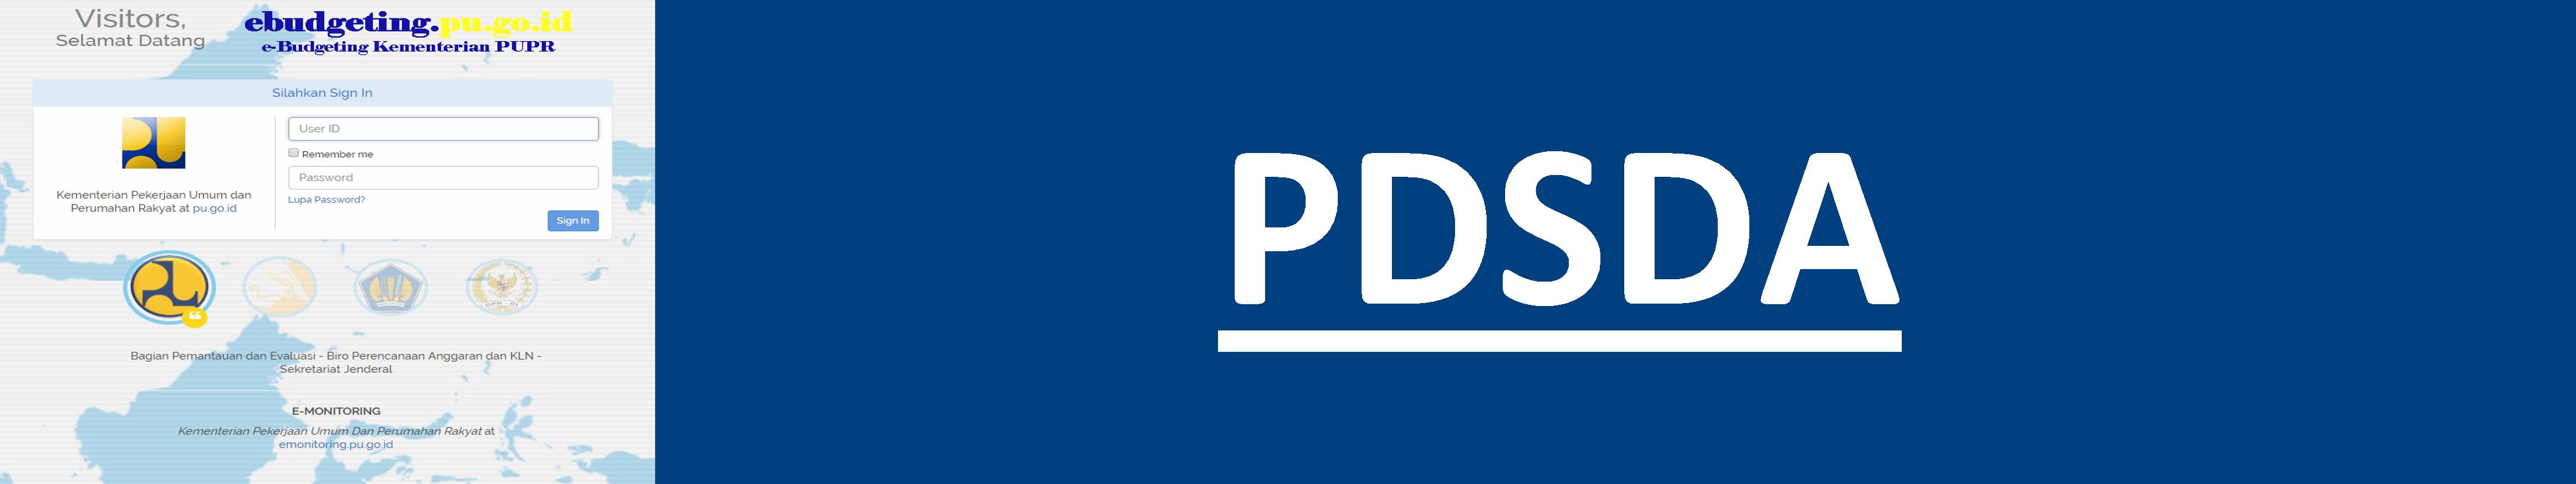 PDSDA